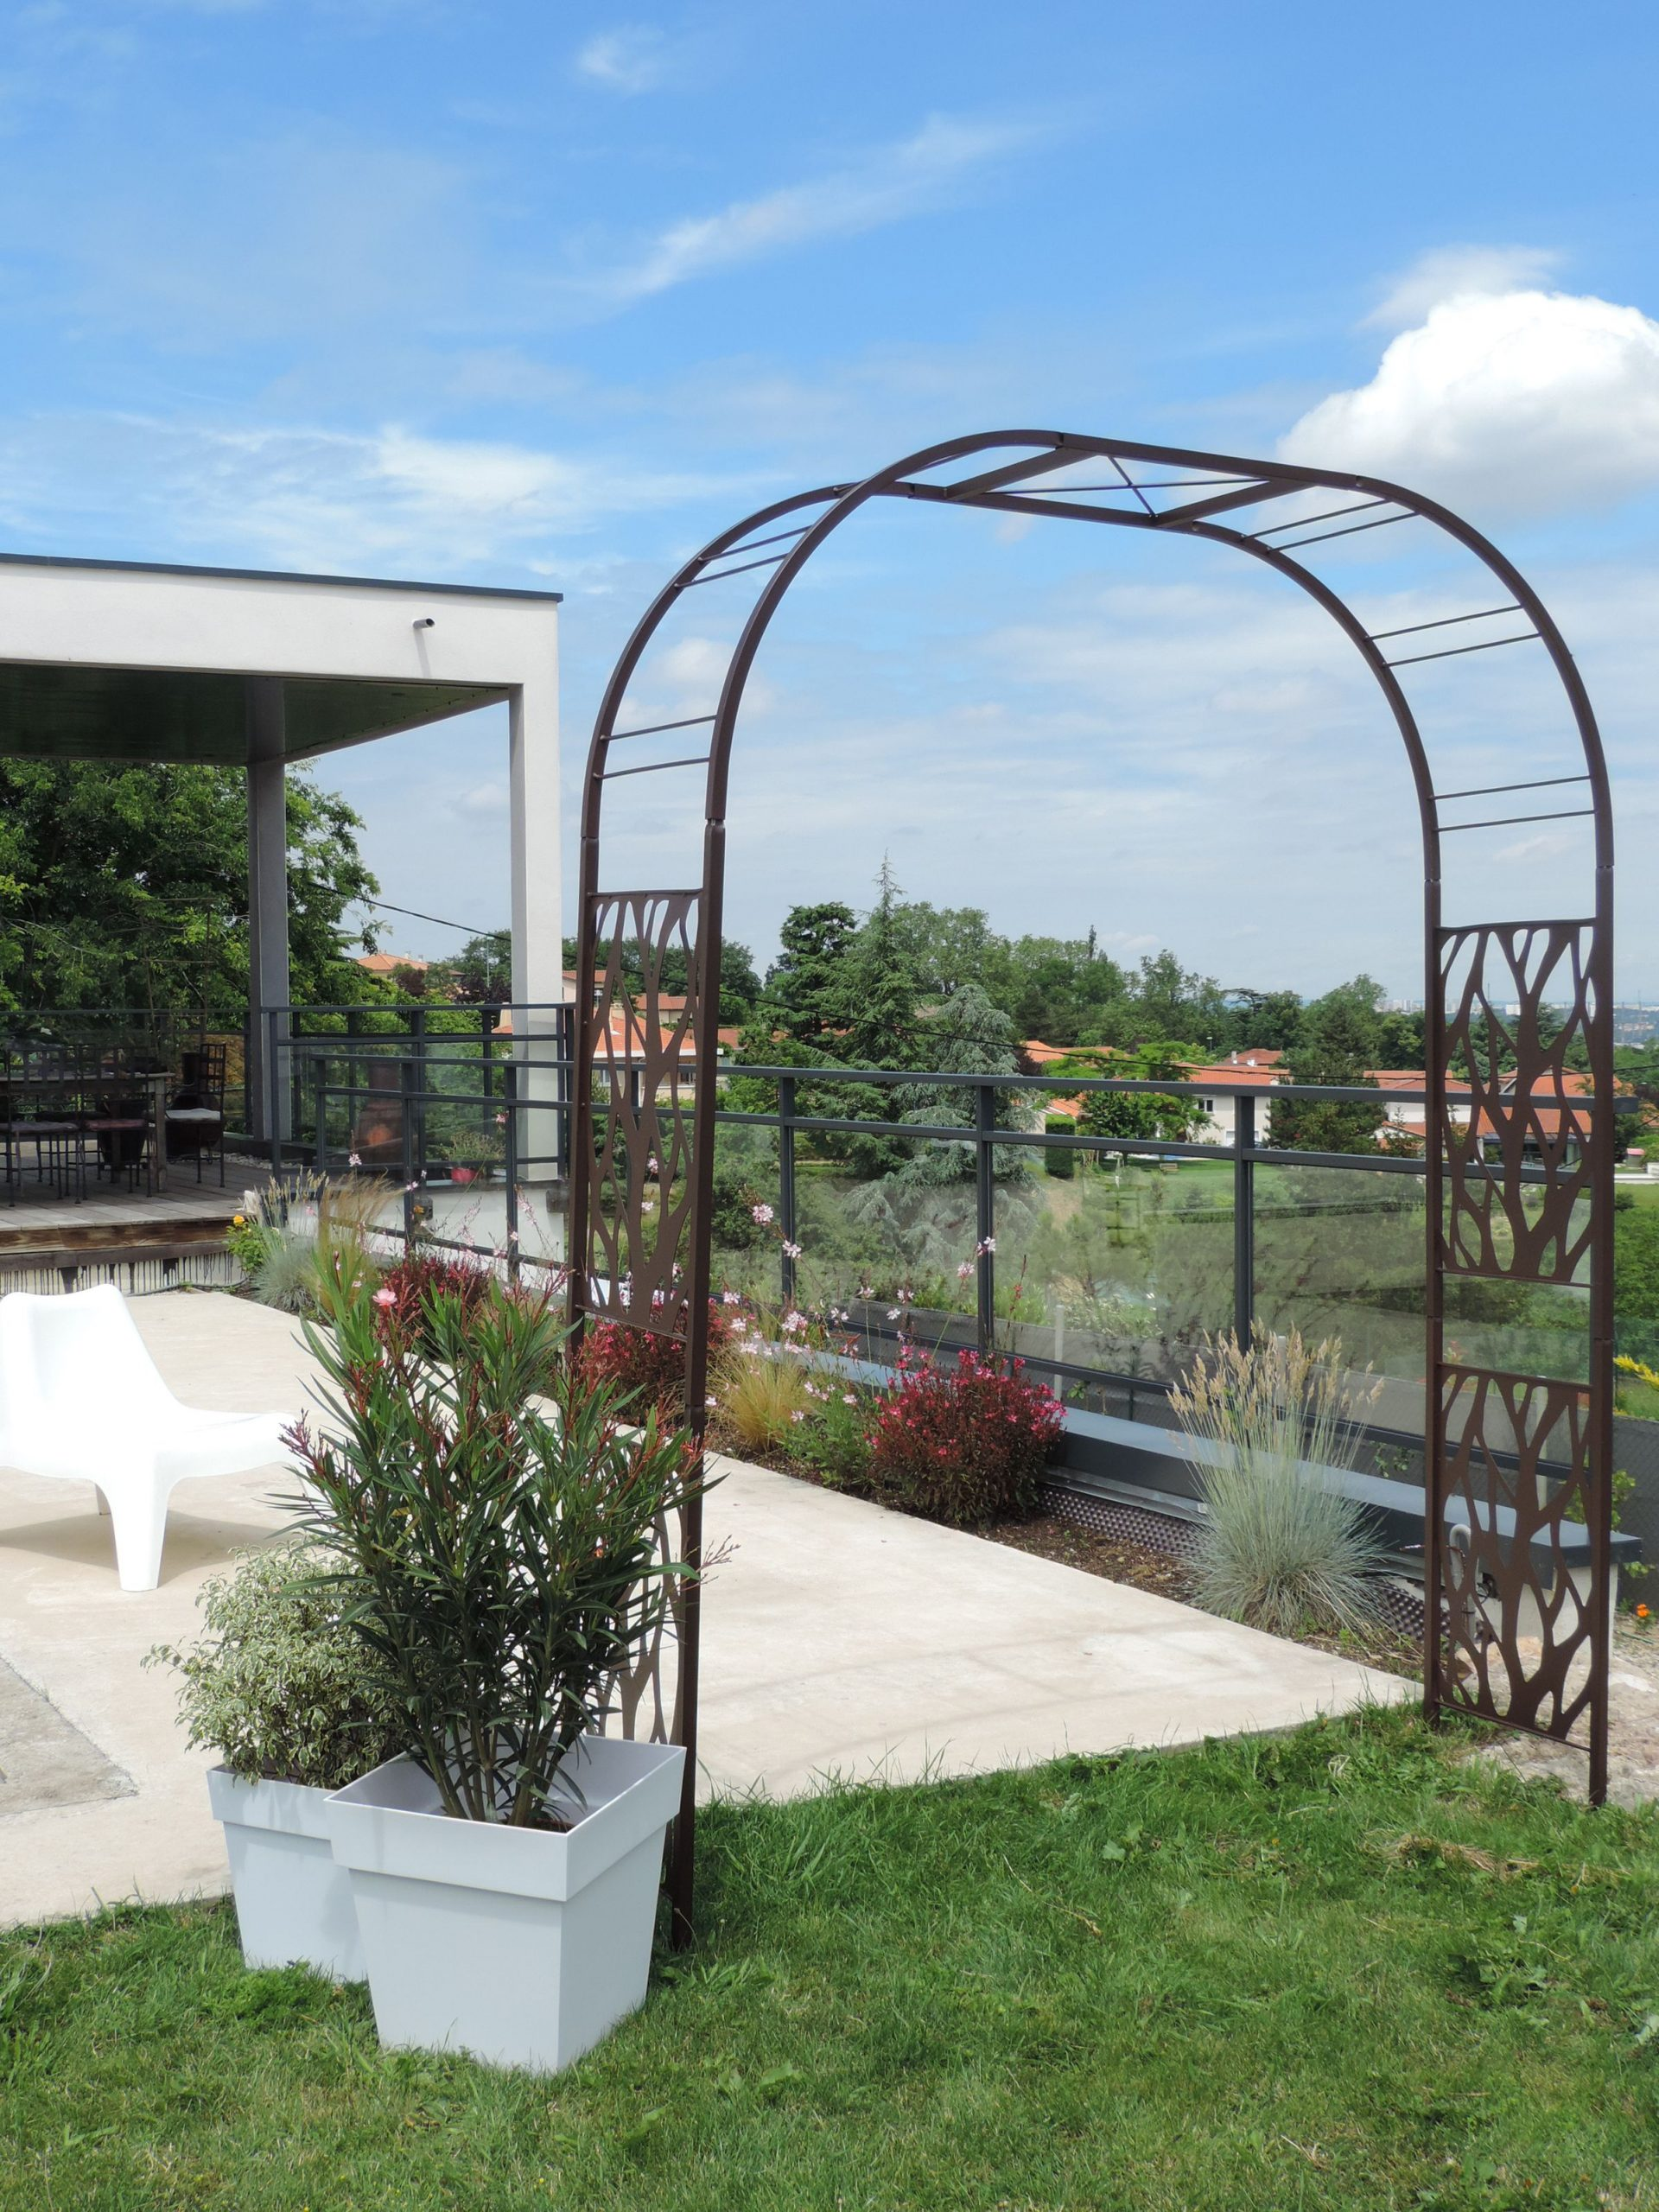 Cette Arche De Jardin, Double En Métal Au Design ... concernant Arche De Jardin En Fer Forgé